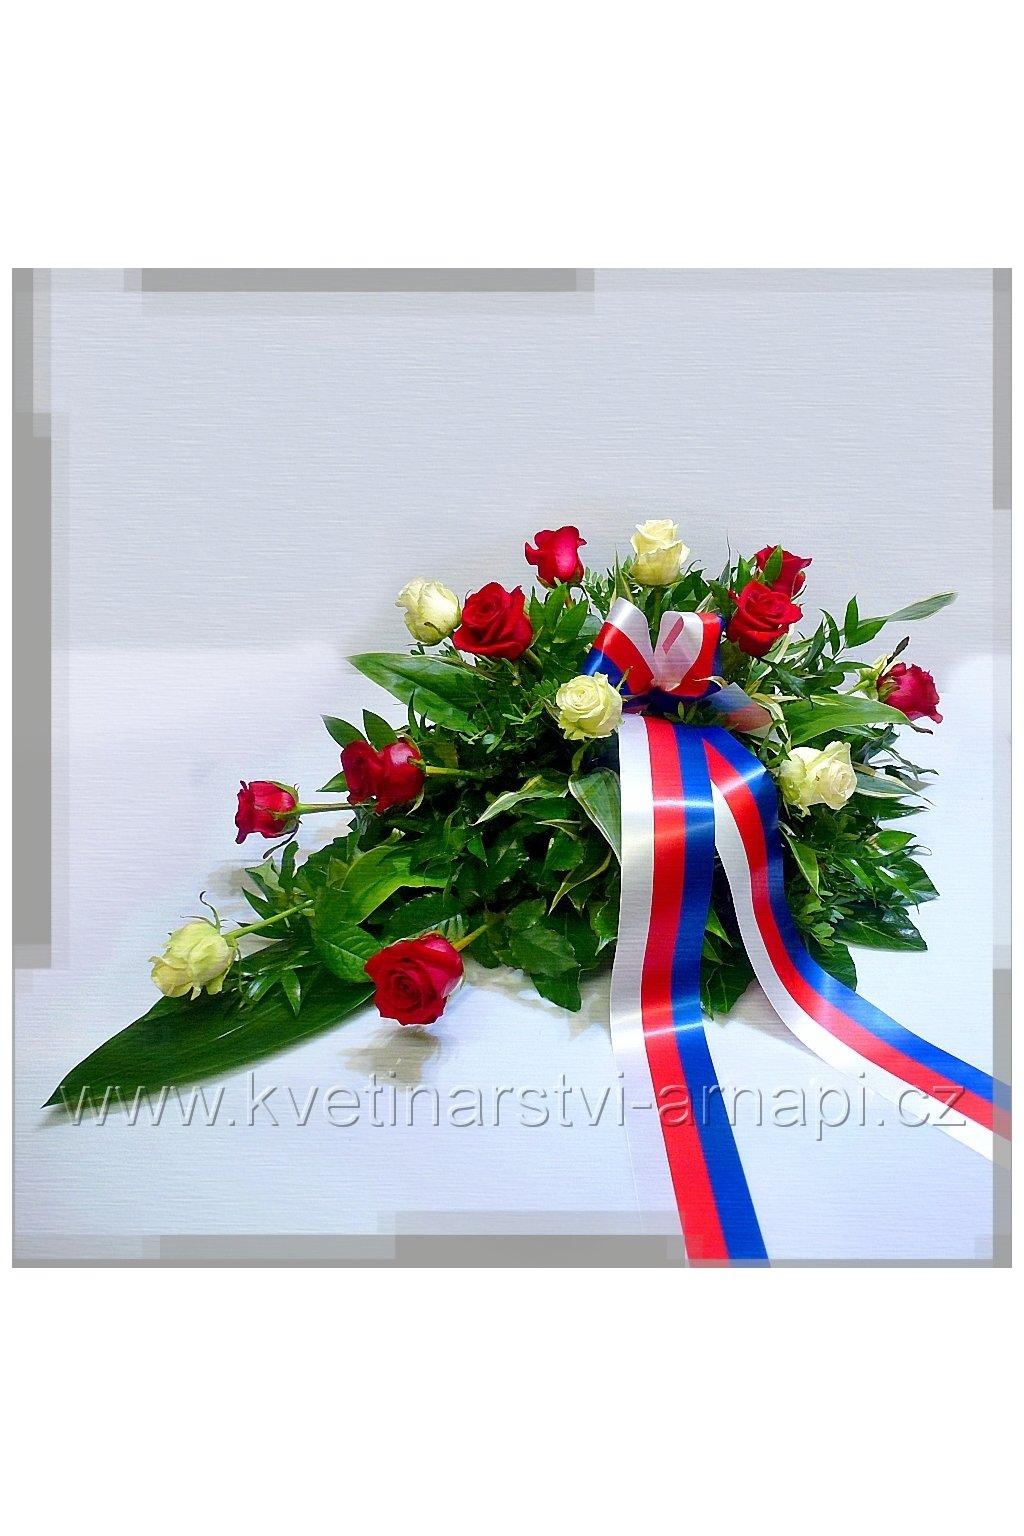 smutecni kytice vypichovana ruze kvetinarstvi arnapi rozvoz